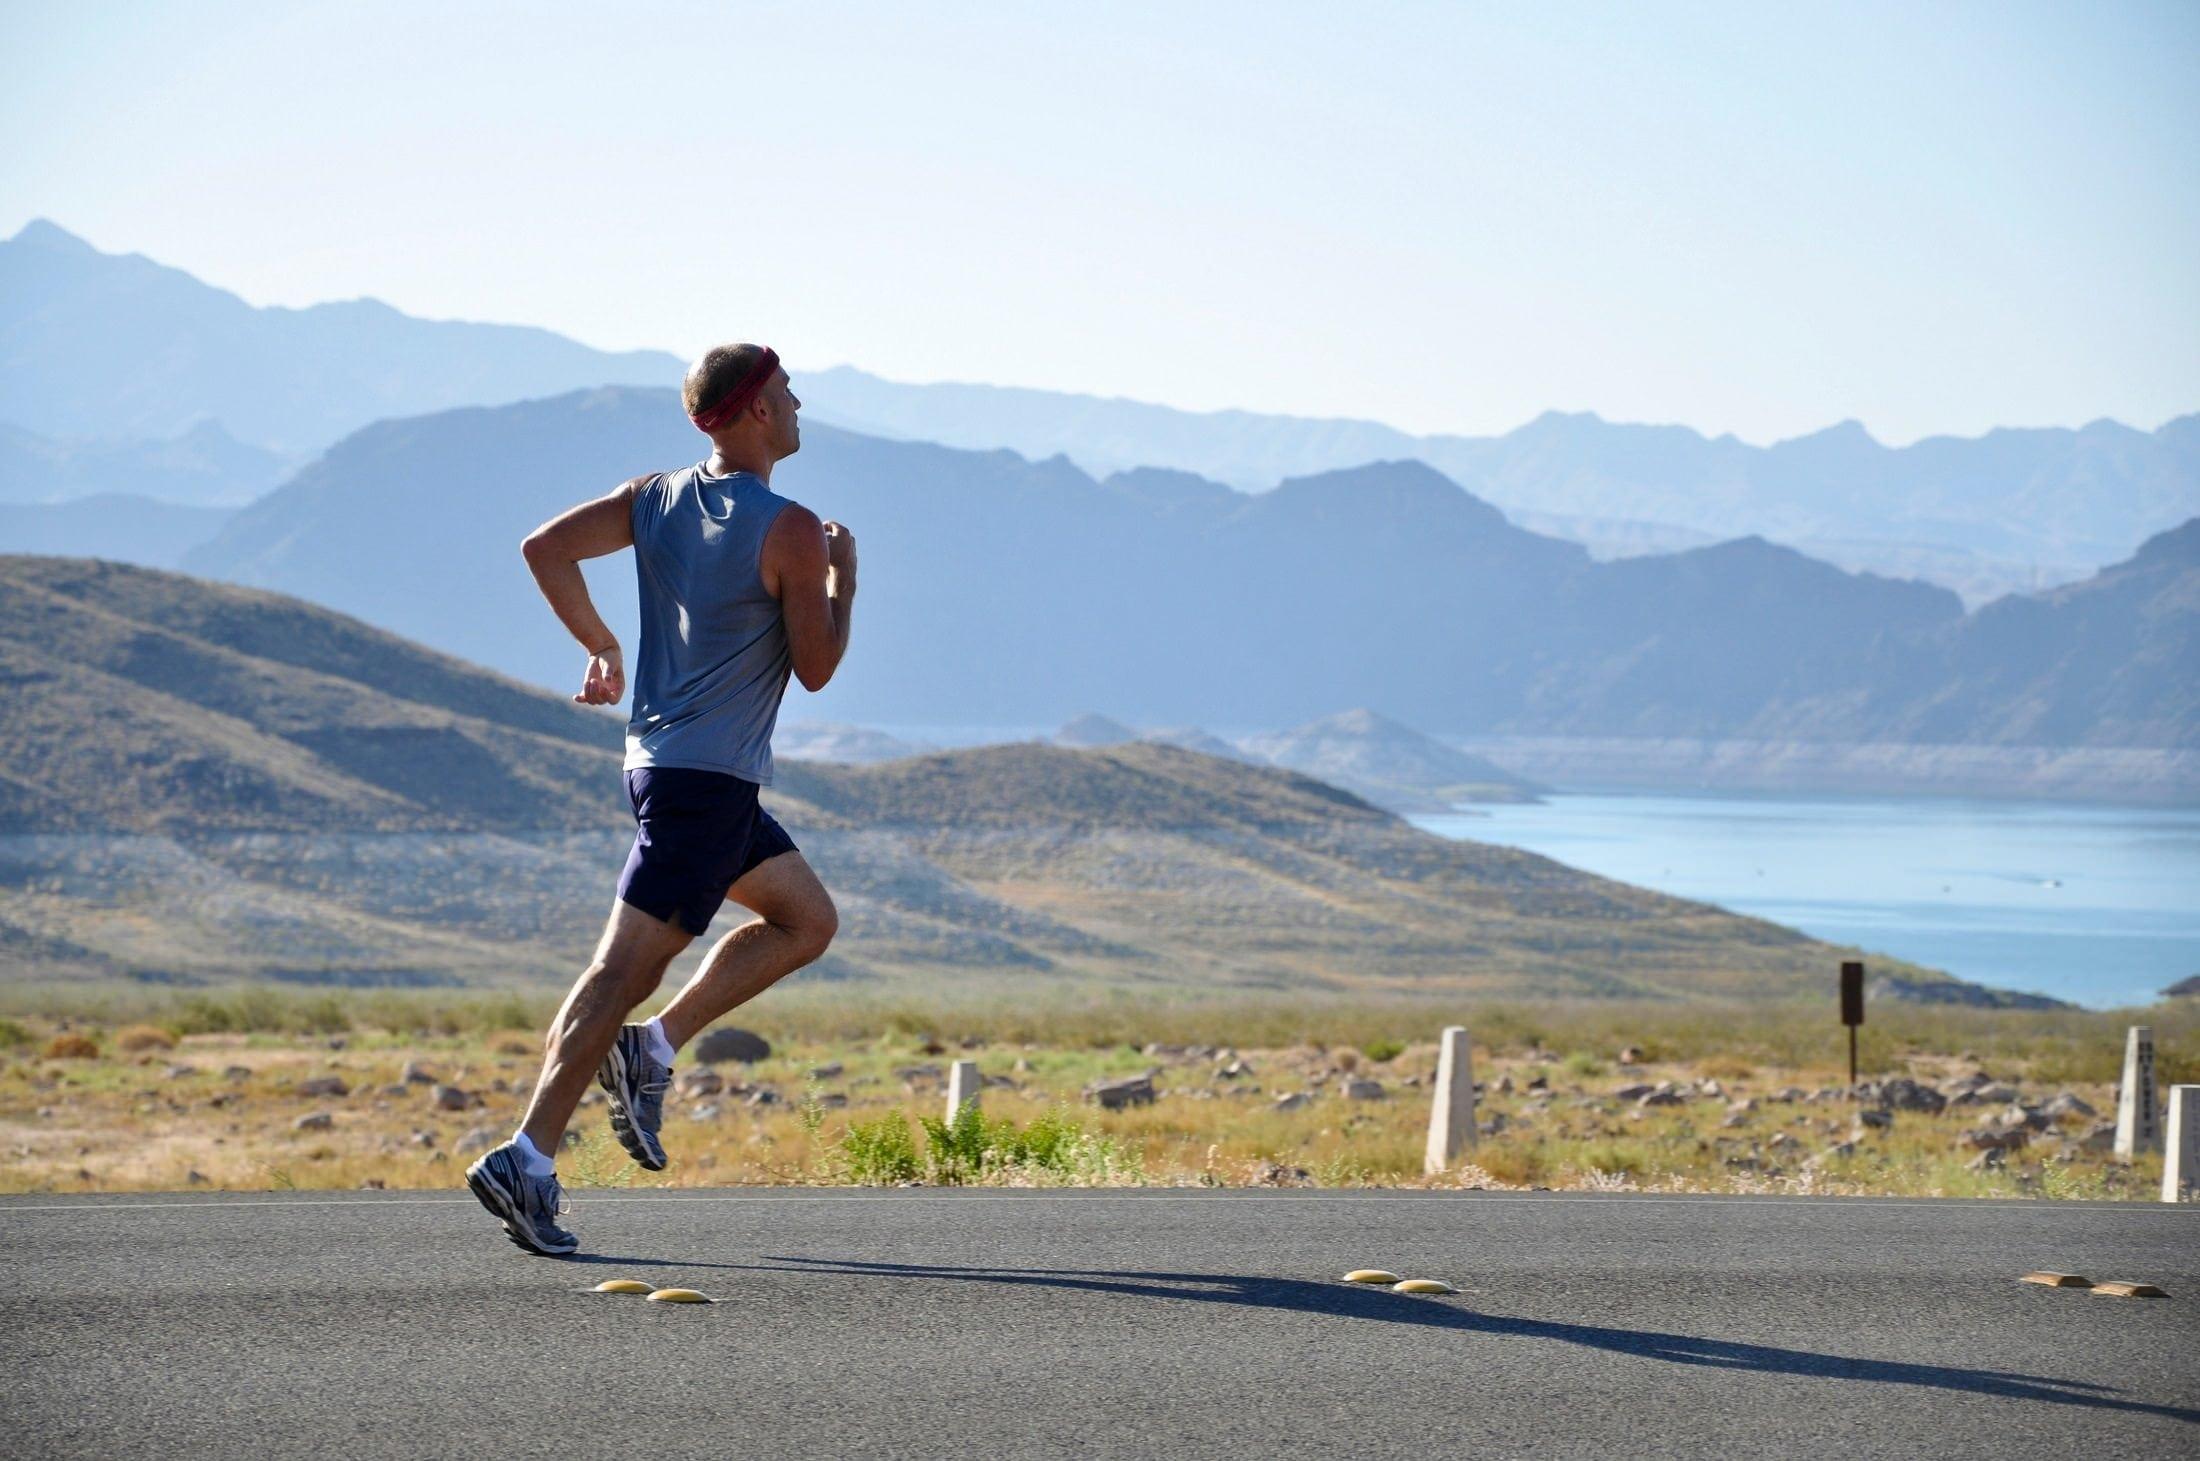 educativos de corrida: como pode ajudar em sua corrida